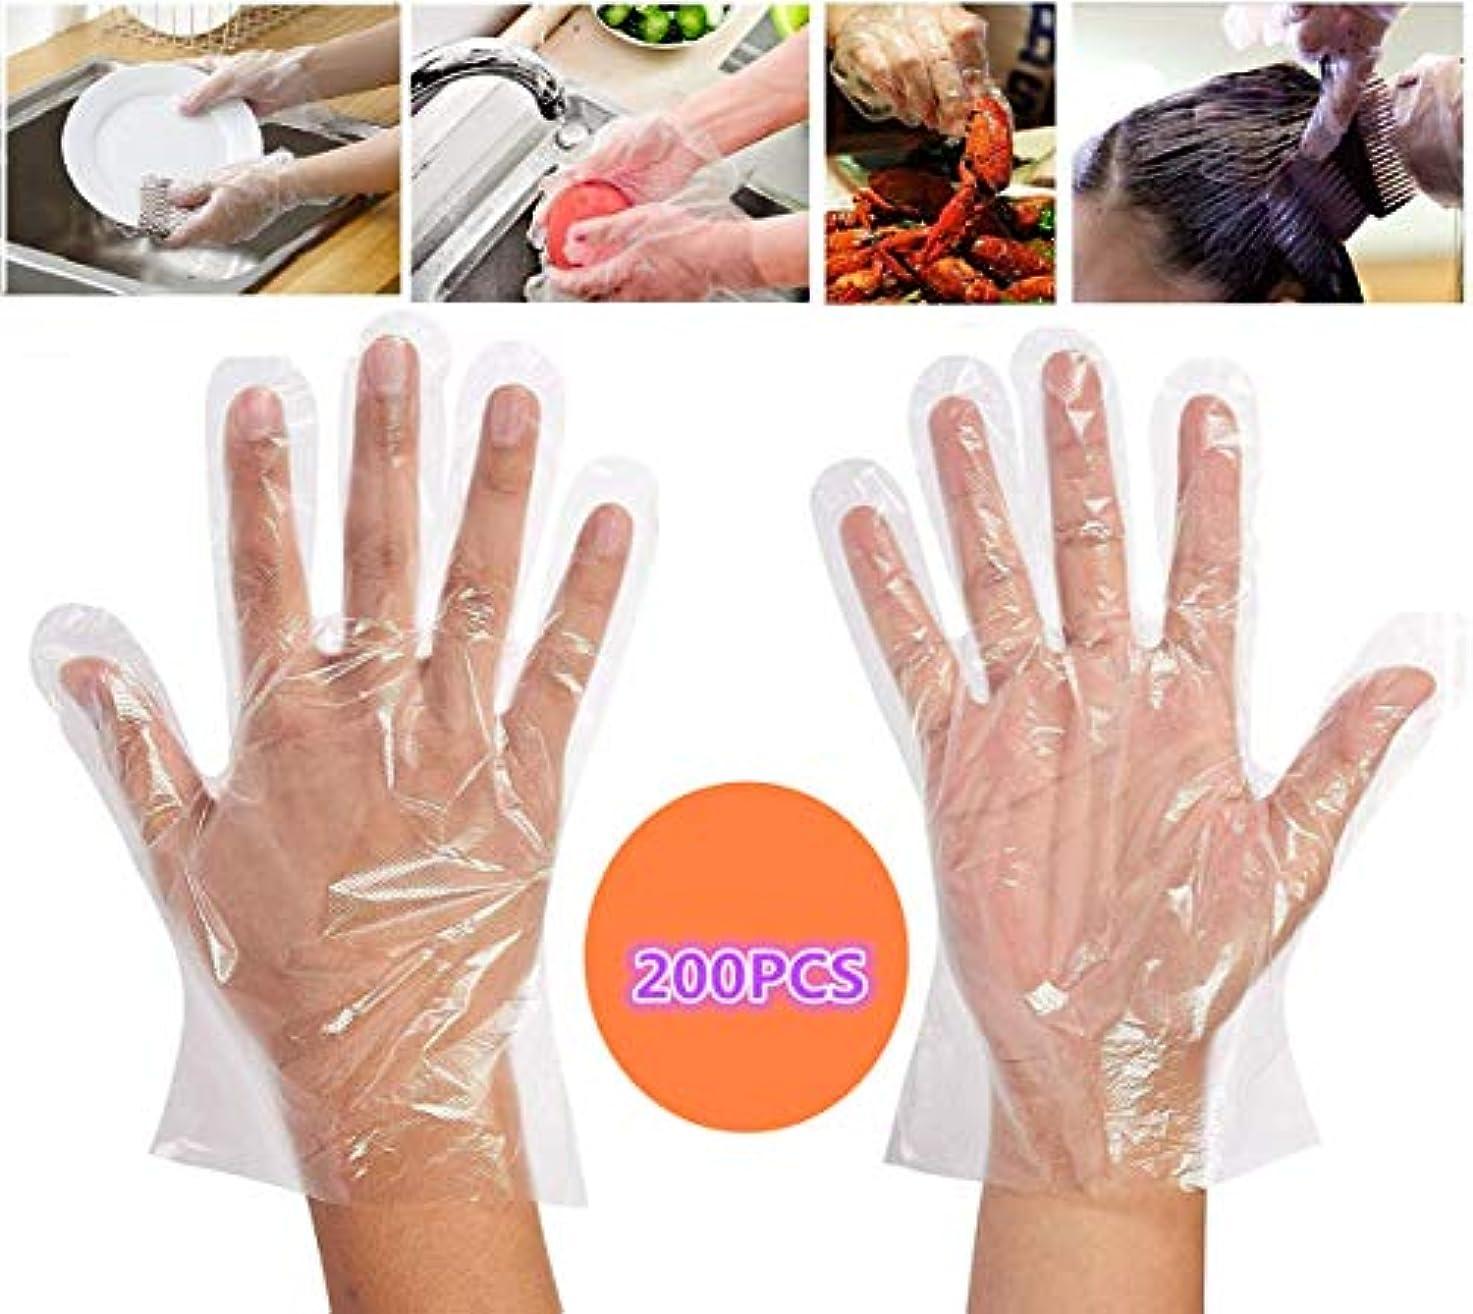 海洋ズーム花瓶Ant-Tree 使い捨て手袋プラスチック肥厚エステサロンケータリング家庭用防油透明実用健康200枚